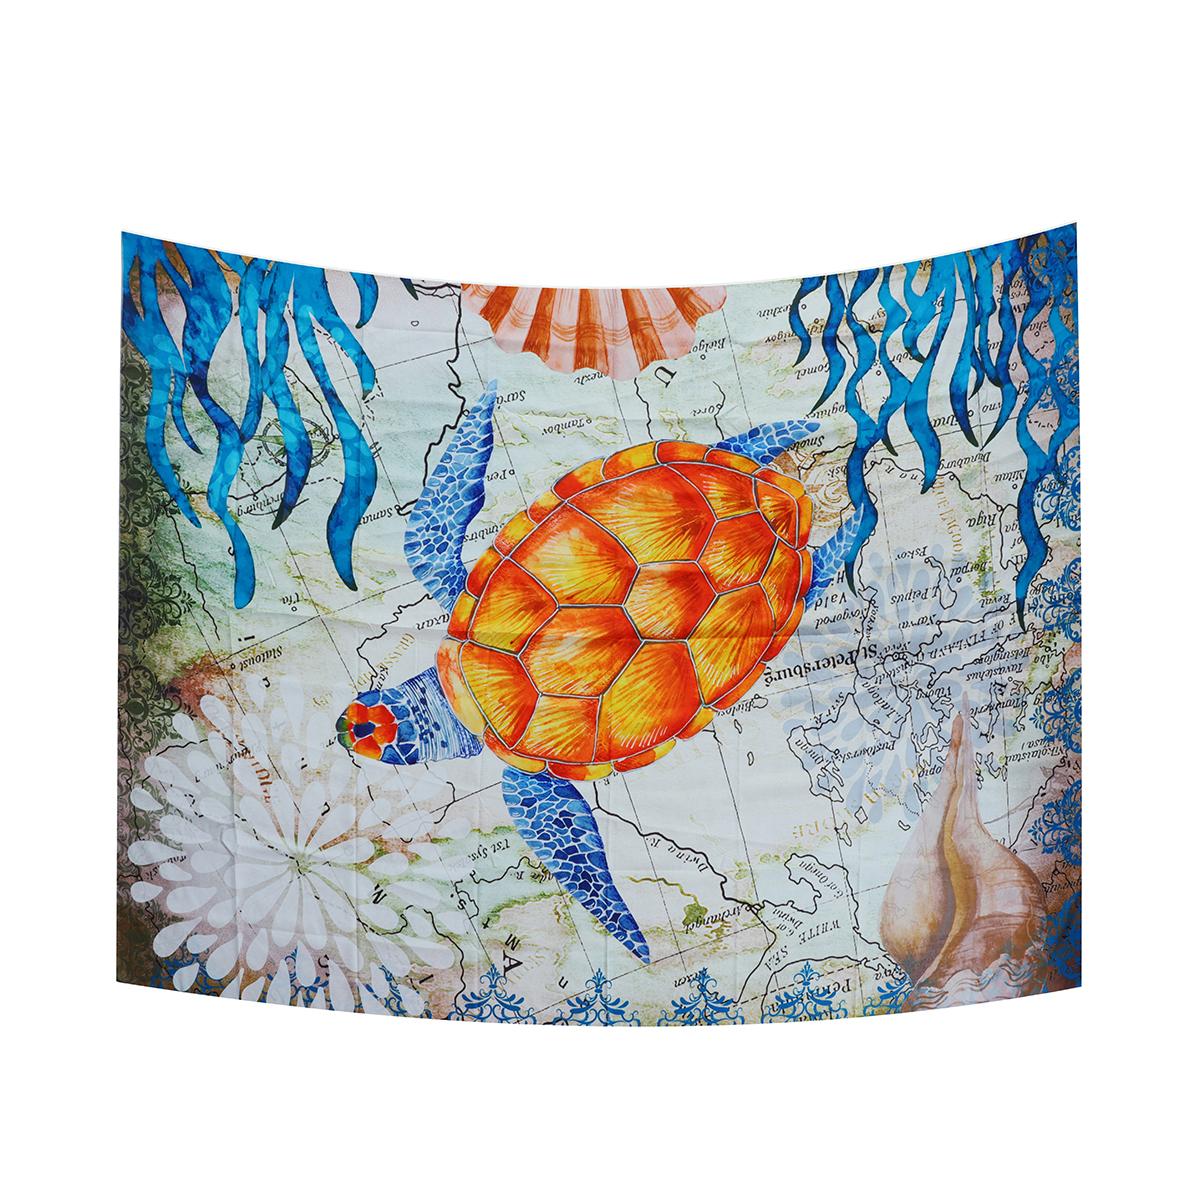 МорскаяЧерепахаПодвеснойГобеленСтеныДома Декоративные Tapete Спальня Одеяло Скатерть Yoga Мат - фото 5